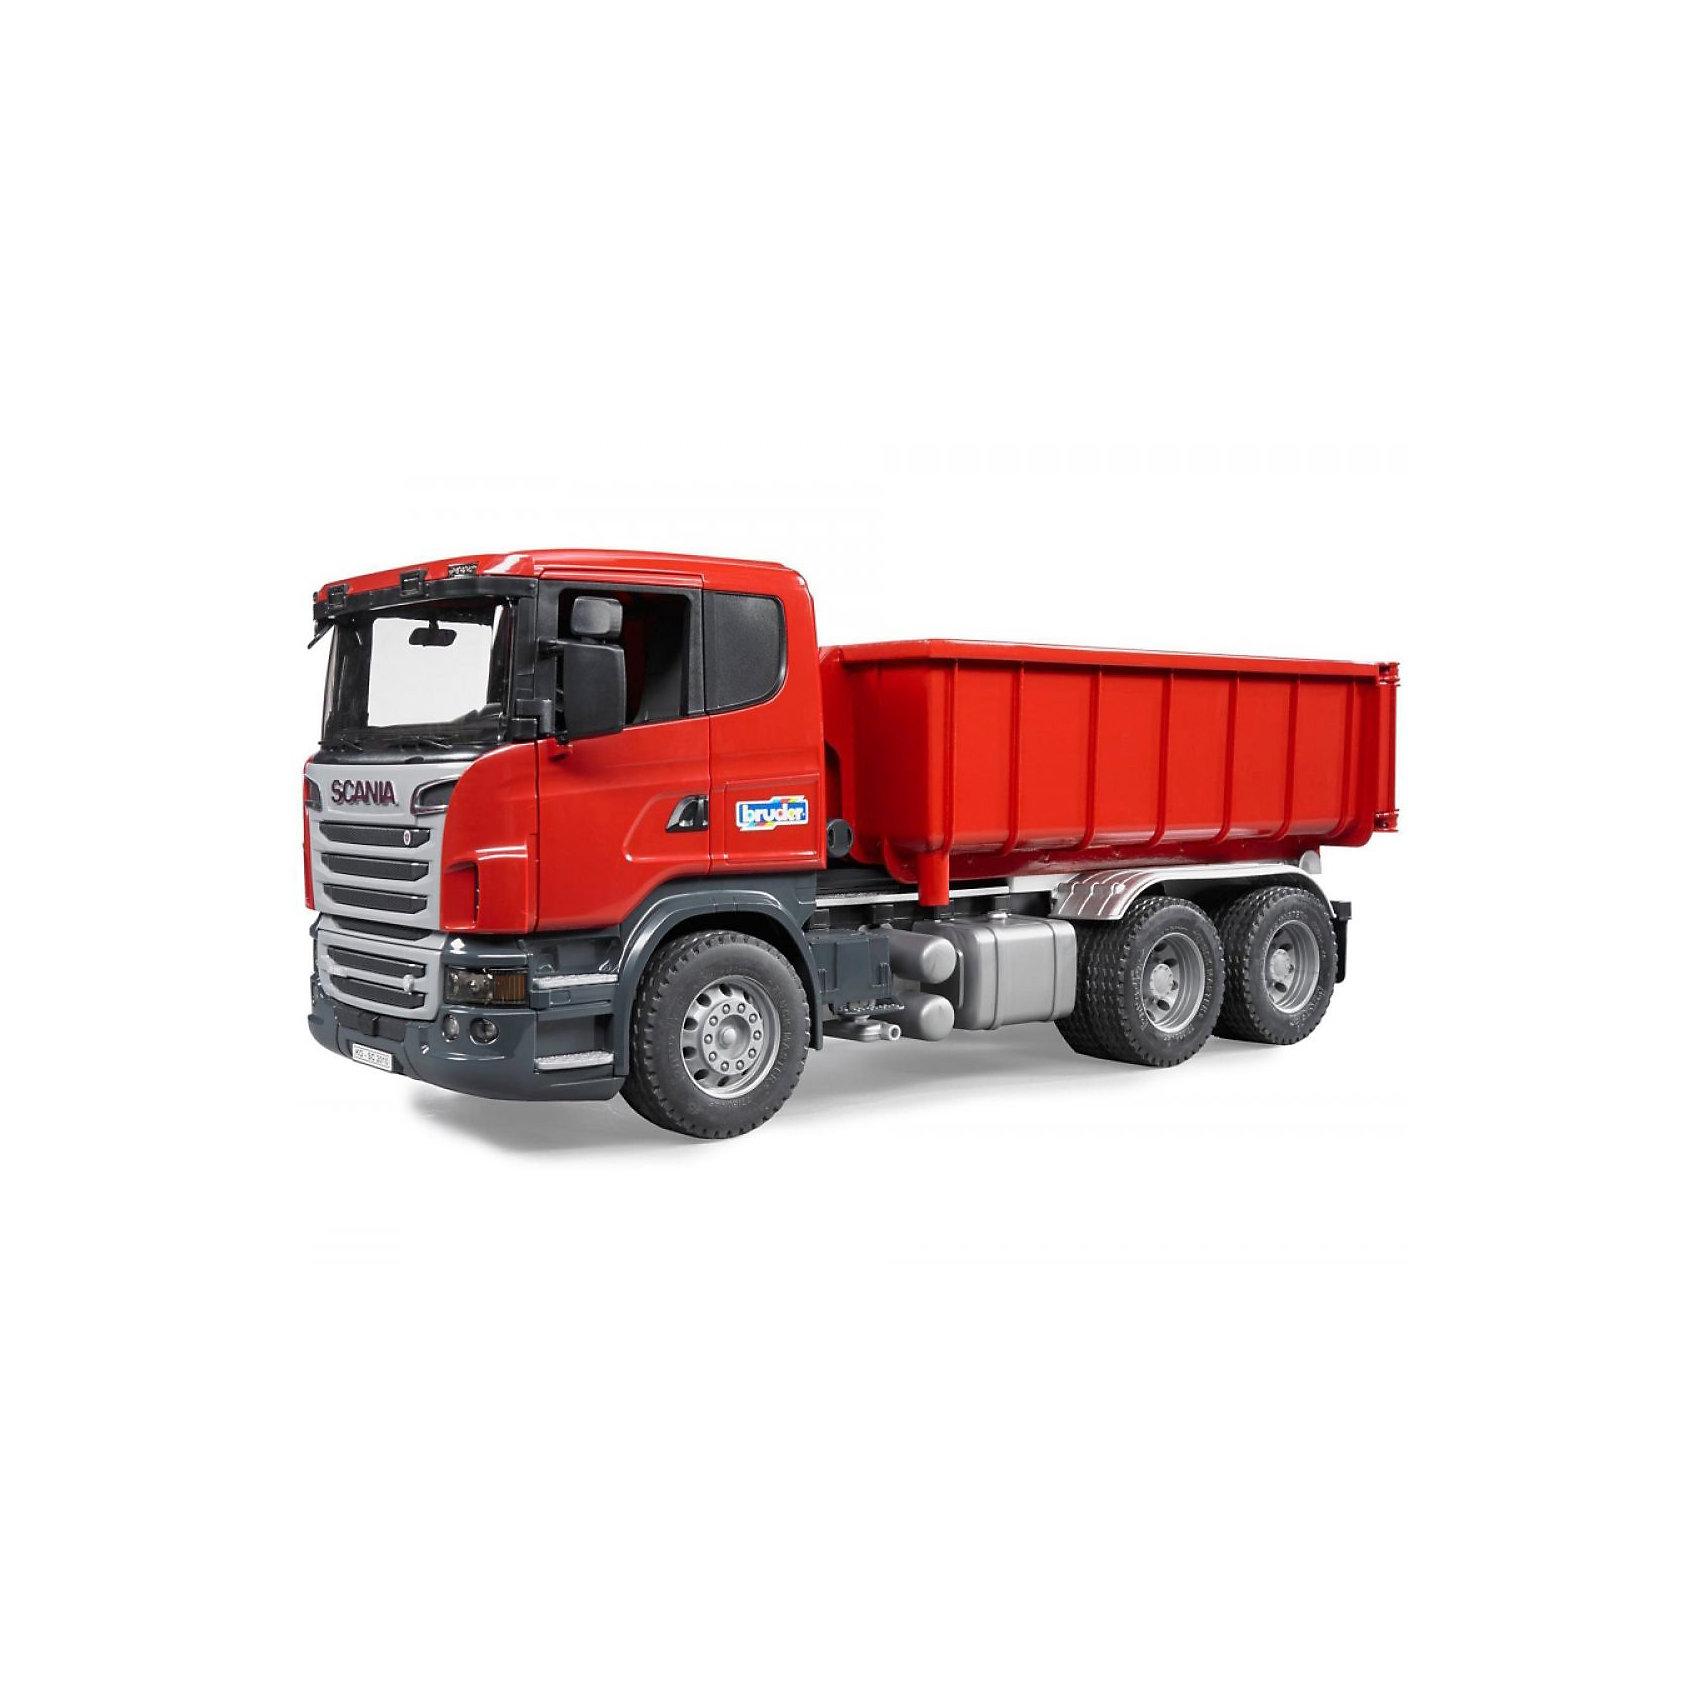 Самосвал-контейнеровоз Scania, BruderМашинки<br>Самосвал-контейнеровоз Scania, Bruder (Брудер) - это качественная детализированная игрушка с подвижными элементами.<br>Мощный самосвал-контейнеровоз Scania на трехосной платформе от немецкого производителя игрушек Bruder (Брудер) в точности повторяет реально существующую машину. Все детали игрушки выполнены с максимальной точностью и подробной детализацией. У машины открываются двери, складываются зеркала, откидывается кабина, открывая доступ к двигателю. Лобовое стекло машины изготовлено из прозрачного пластика. Внутри кабины все как в настоящей машине: сидение водителя, декоративная панель управления, крутящийся руль. Контейнер съемный. Для того чтобы снять или установить контейнер, на раме предусмотрен специальный механизм (мультилифт). Задний борт контейнера открывается. К модели можно подсоединить модуль, включающий световое сопровождение и звук мотора, который приобретается отдельно. Игрушка изготовлена из высококачественного пластика, устойчивого к износу и ударам. Продукция сертифицирована, экологически безопасна для ребенка, использованные красители не токсичны и гипоаллергенны.<br><br>Дополнительная информация:<br><br>- Размер машины: 53,5 х 18,8 х 20,5 см.<br>- Масштаб 1:16<br>- Материал: высококачественный пластик<br>- Цвет: красный<br><br>Самосвал-контейнеровоз Scania, Bruder (Брудер) можно купить в нашем интернет-магазине.<br><br>Ширина мм: 584<br>Глубина мм: 236<br>Высота мм: 200<br>Вес г: 2280<br>Возраст от месяцев: 36<br>Возраст до месяцев: 96<br>Пол: Мужской<br>Возраст: Детский<br>SKU: 3400366